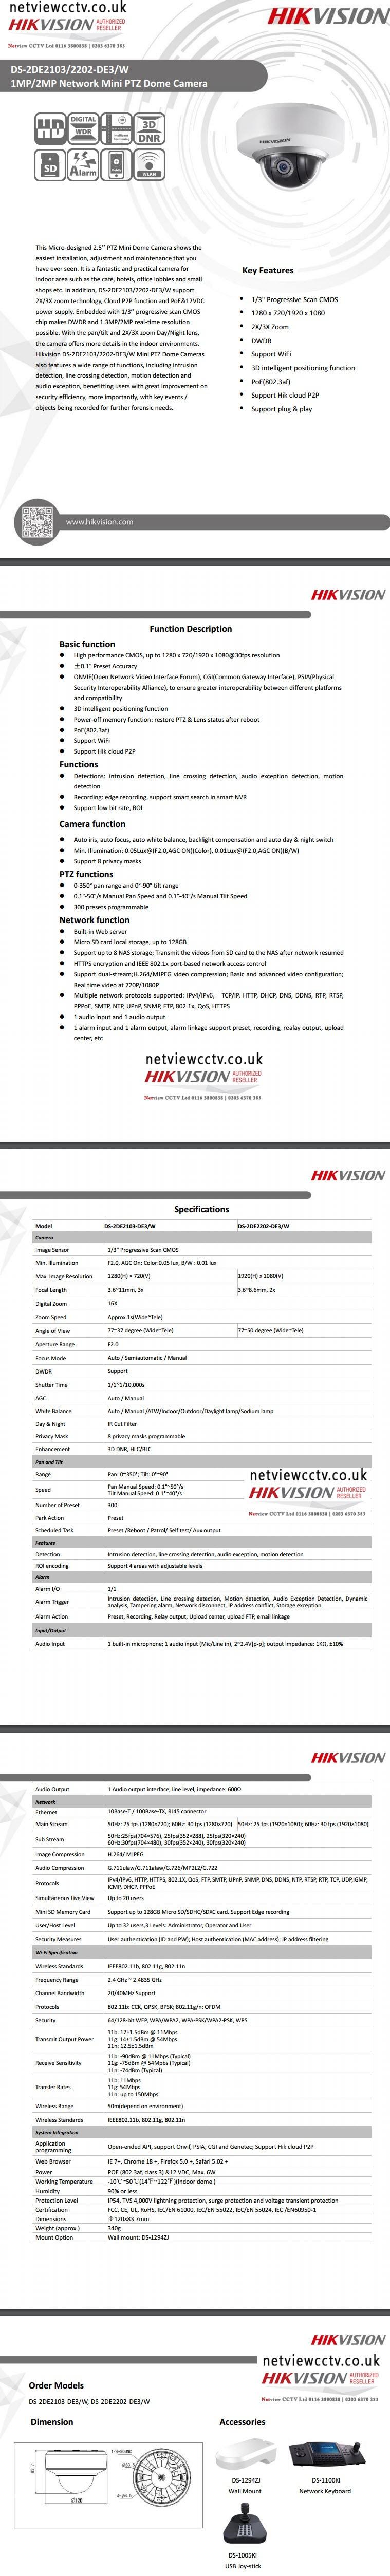 Hikvision,DS-2DE2202-DE3 datasheet